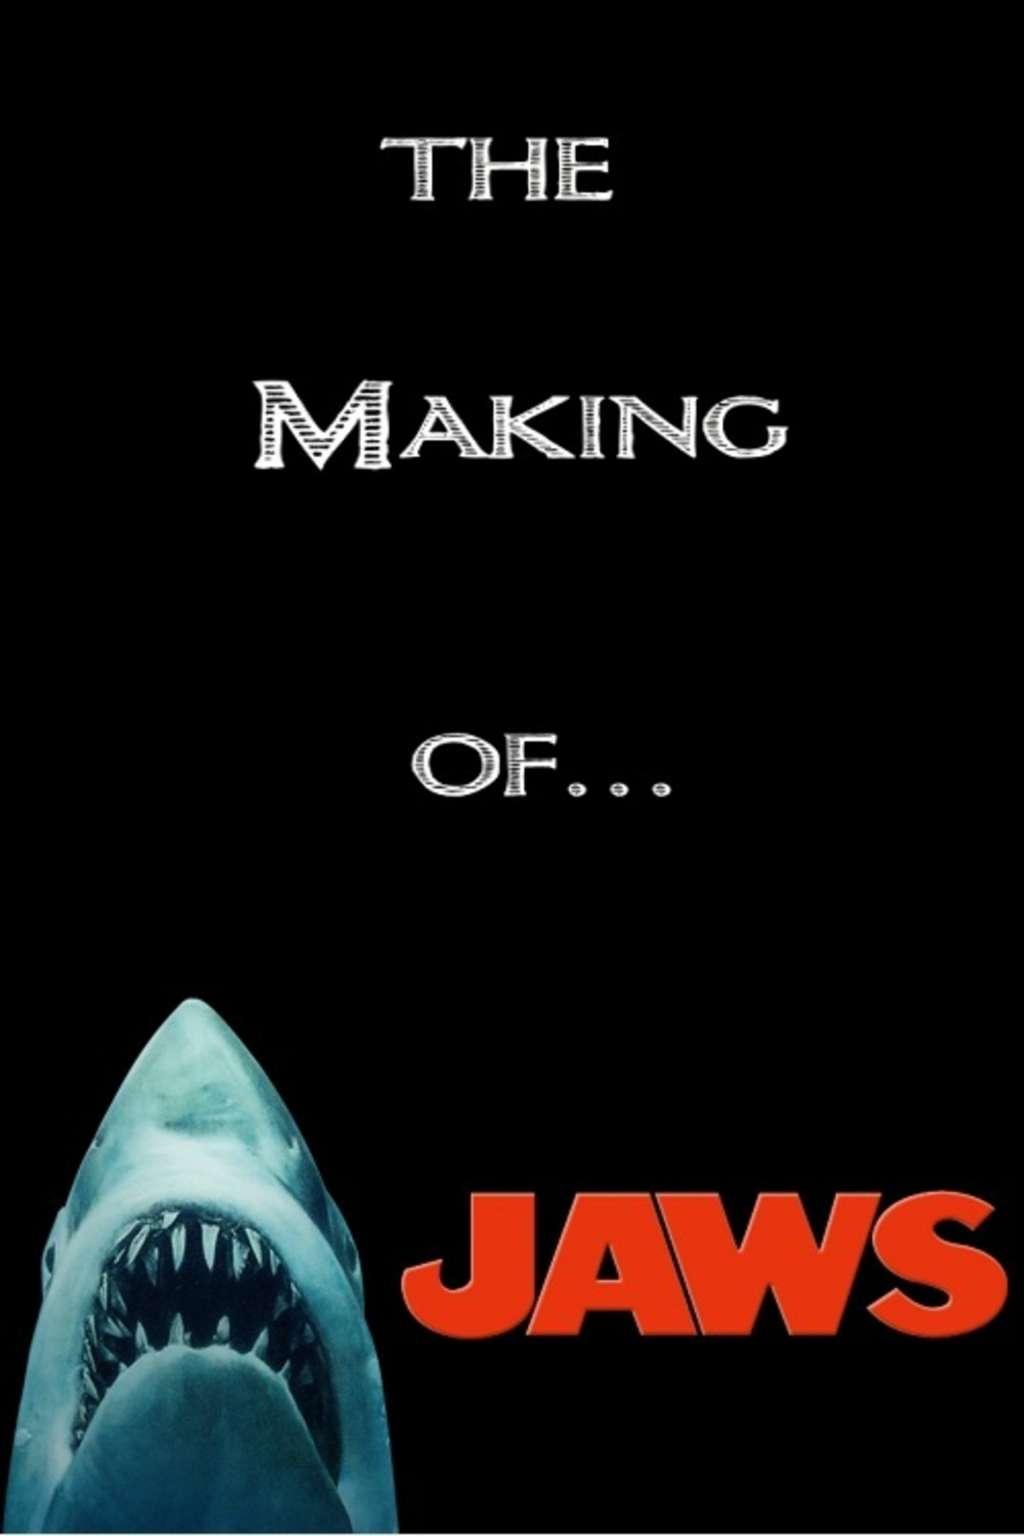 The Making of 'Jaws' kapak